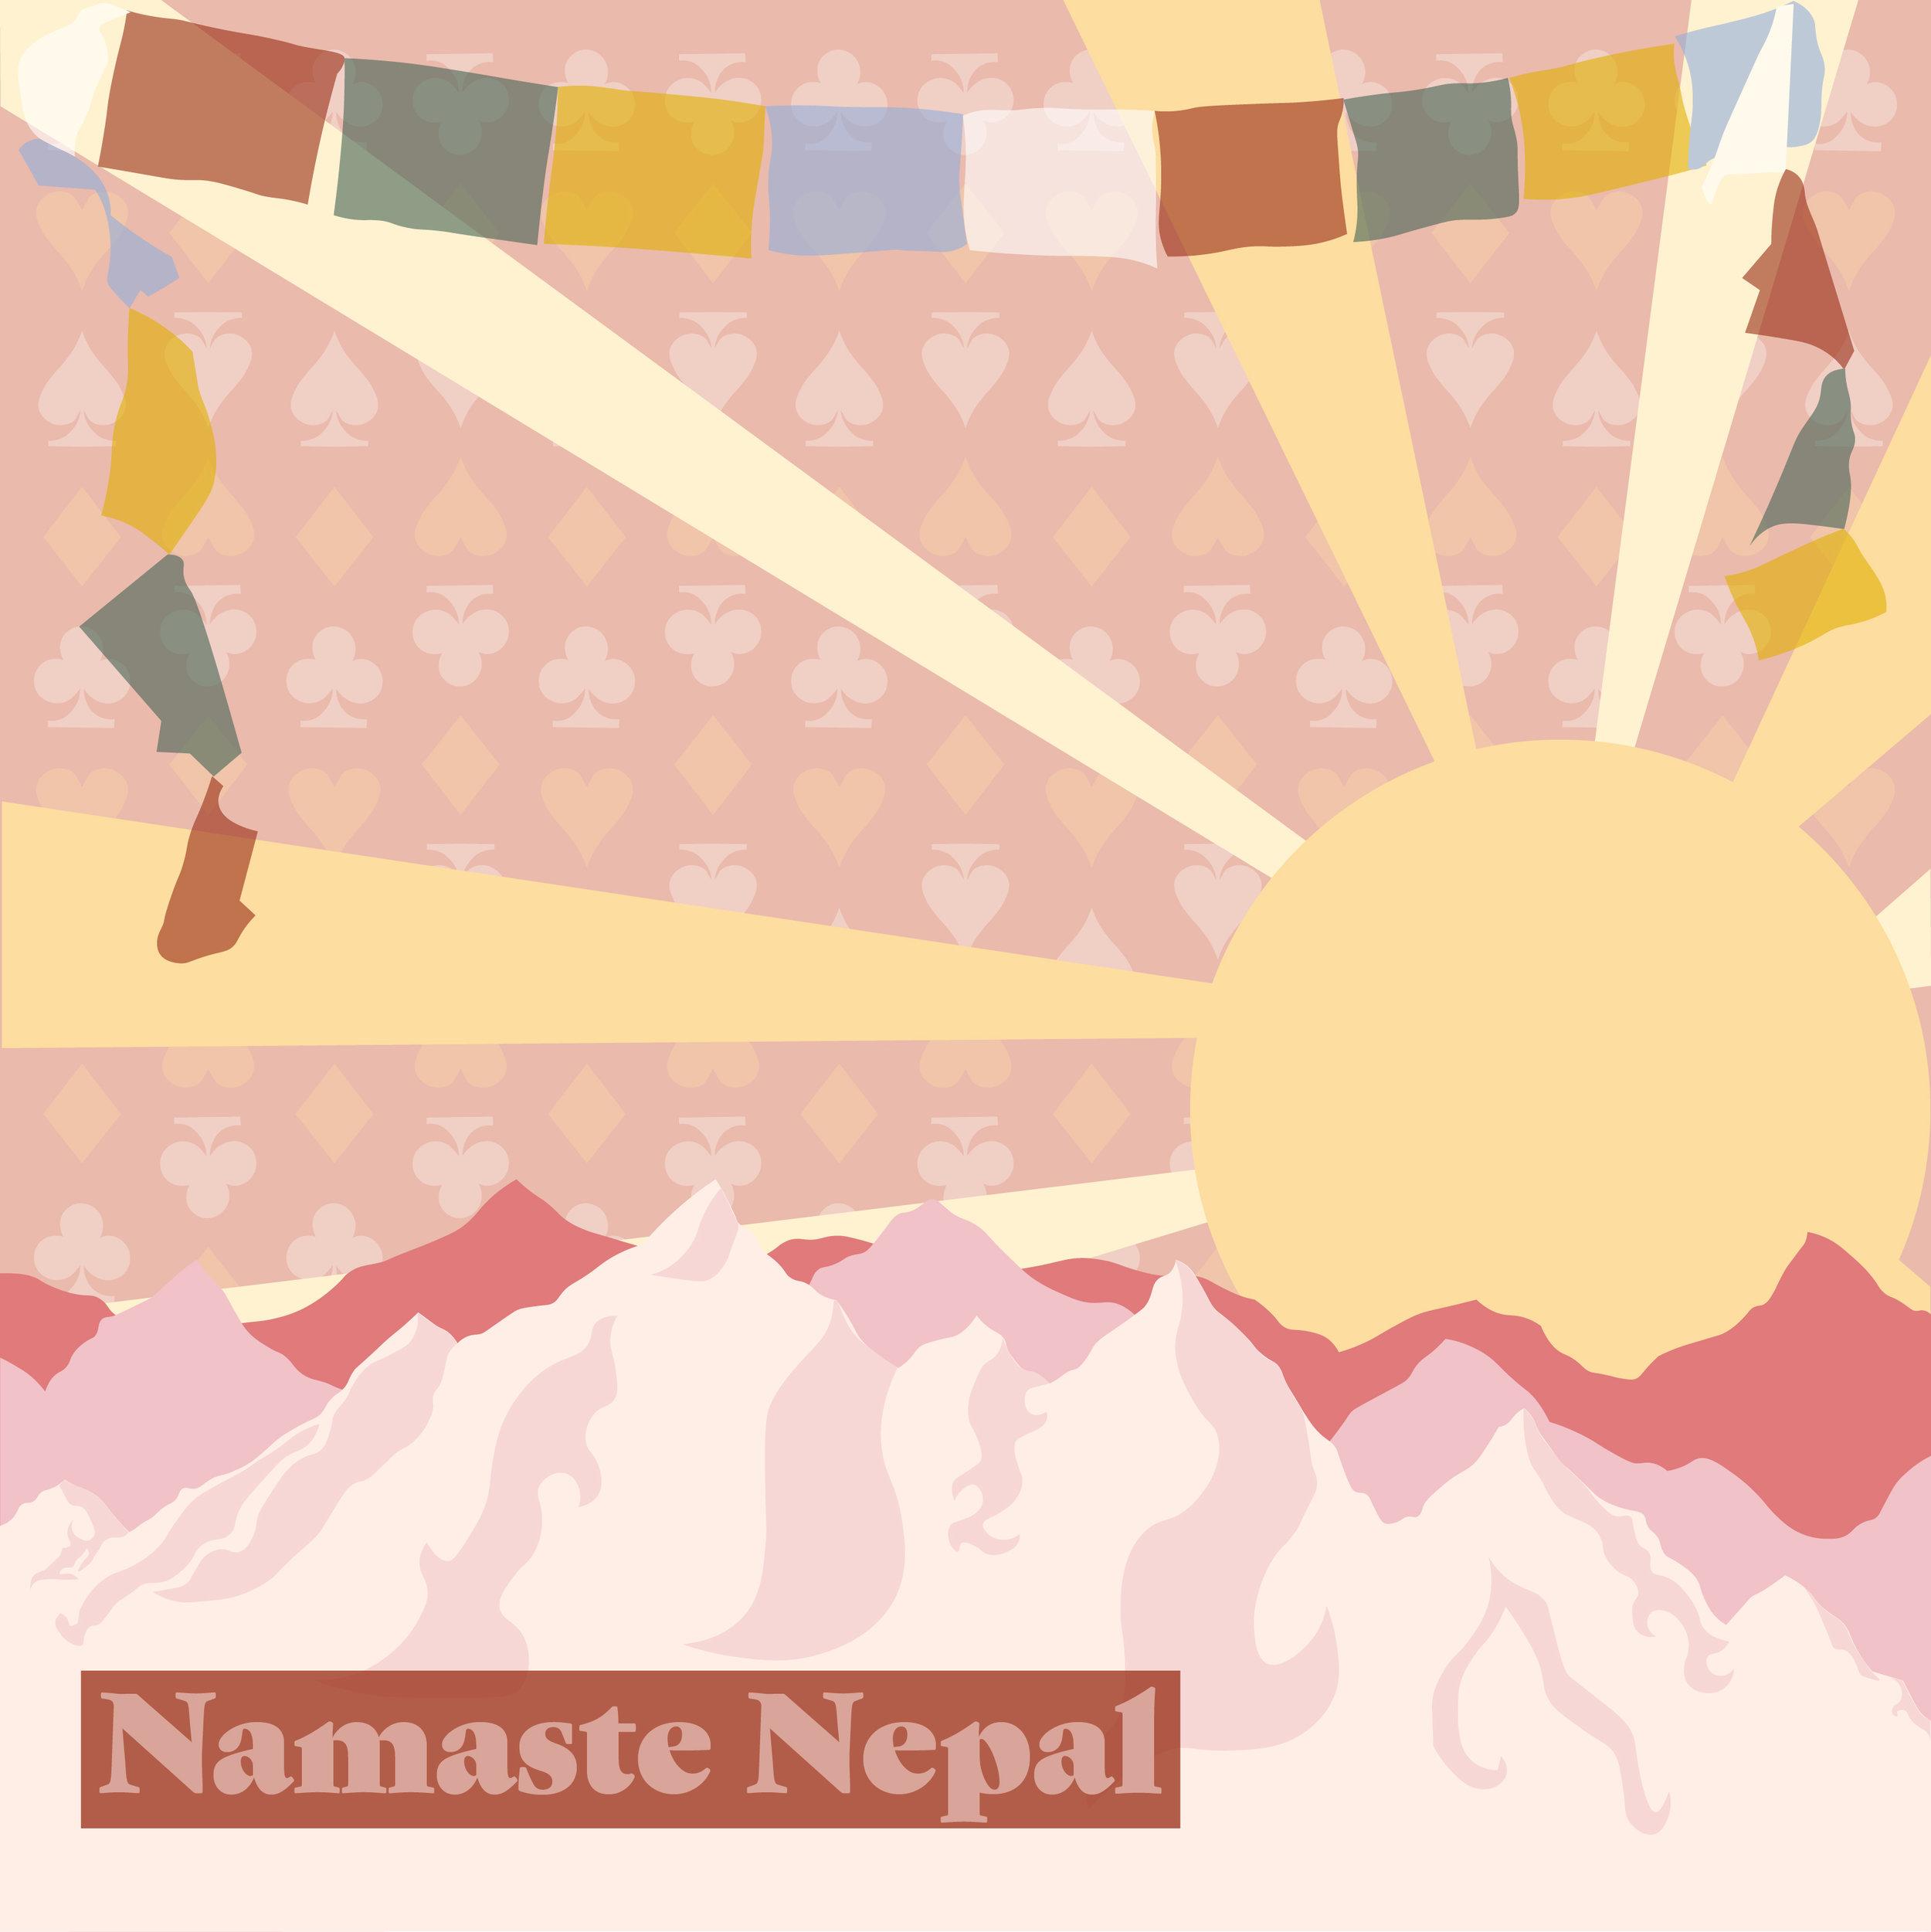 15 Nepal.jpg